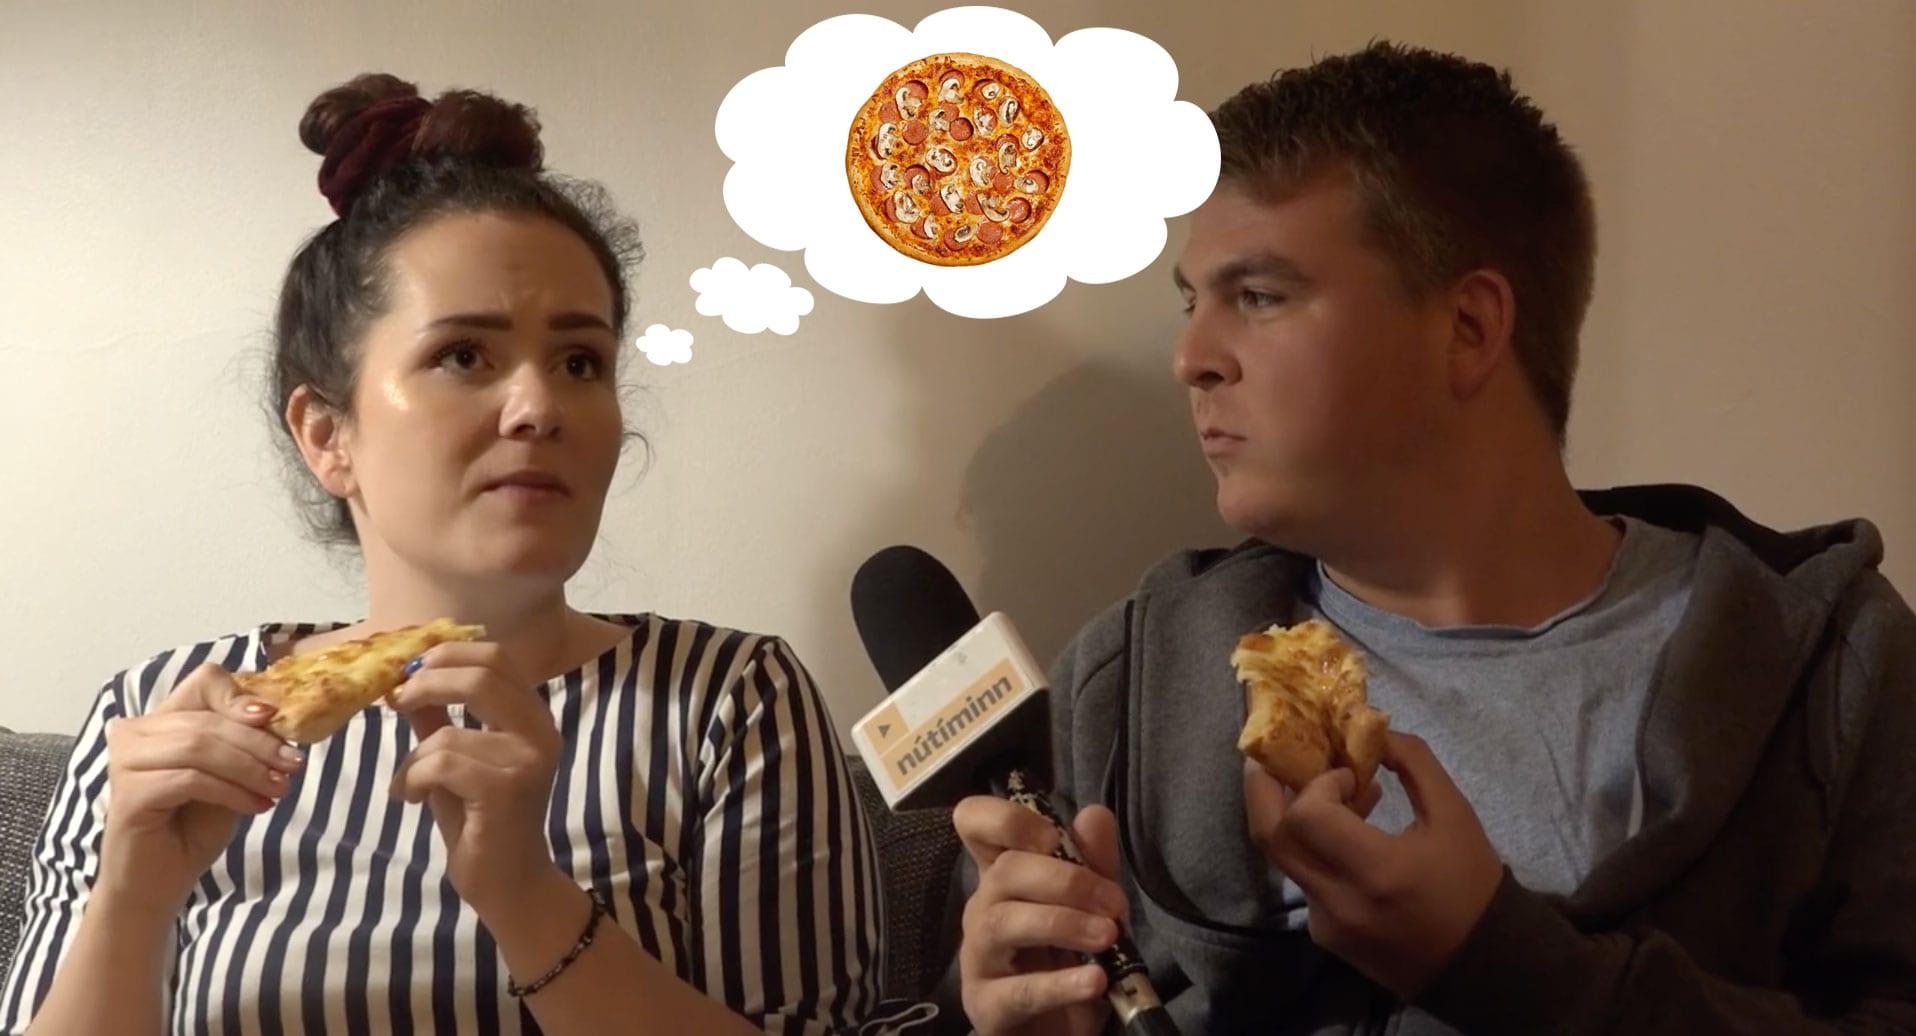 """Guðrún Veiga ætlar að borða pizzu á hverjum degi í Meistaramánuði: """"Alla klukkutíma sem ég er vakandi langar mig í pizzu"""""""